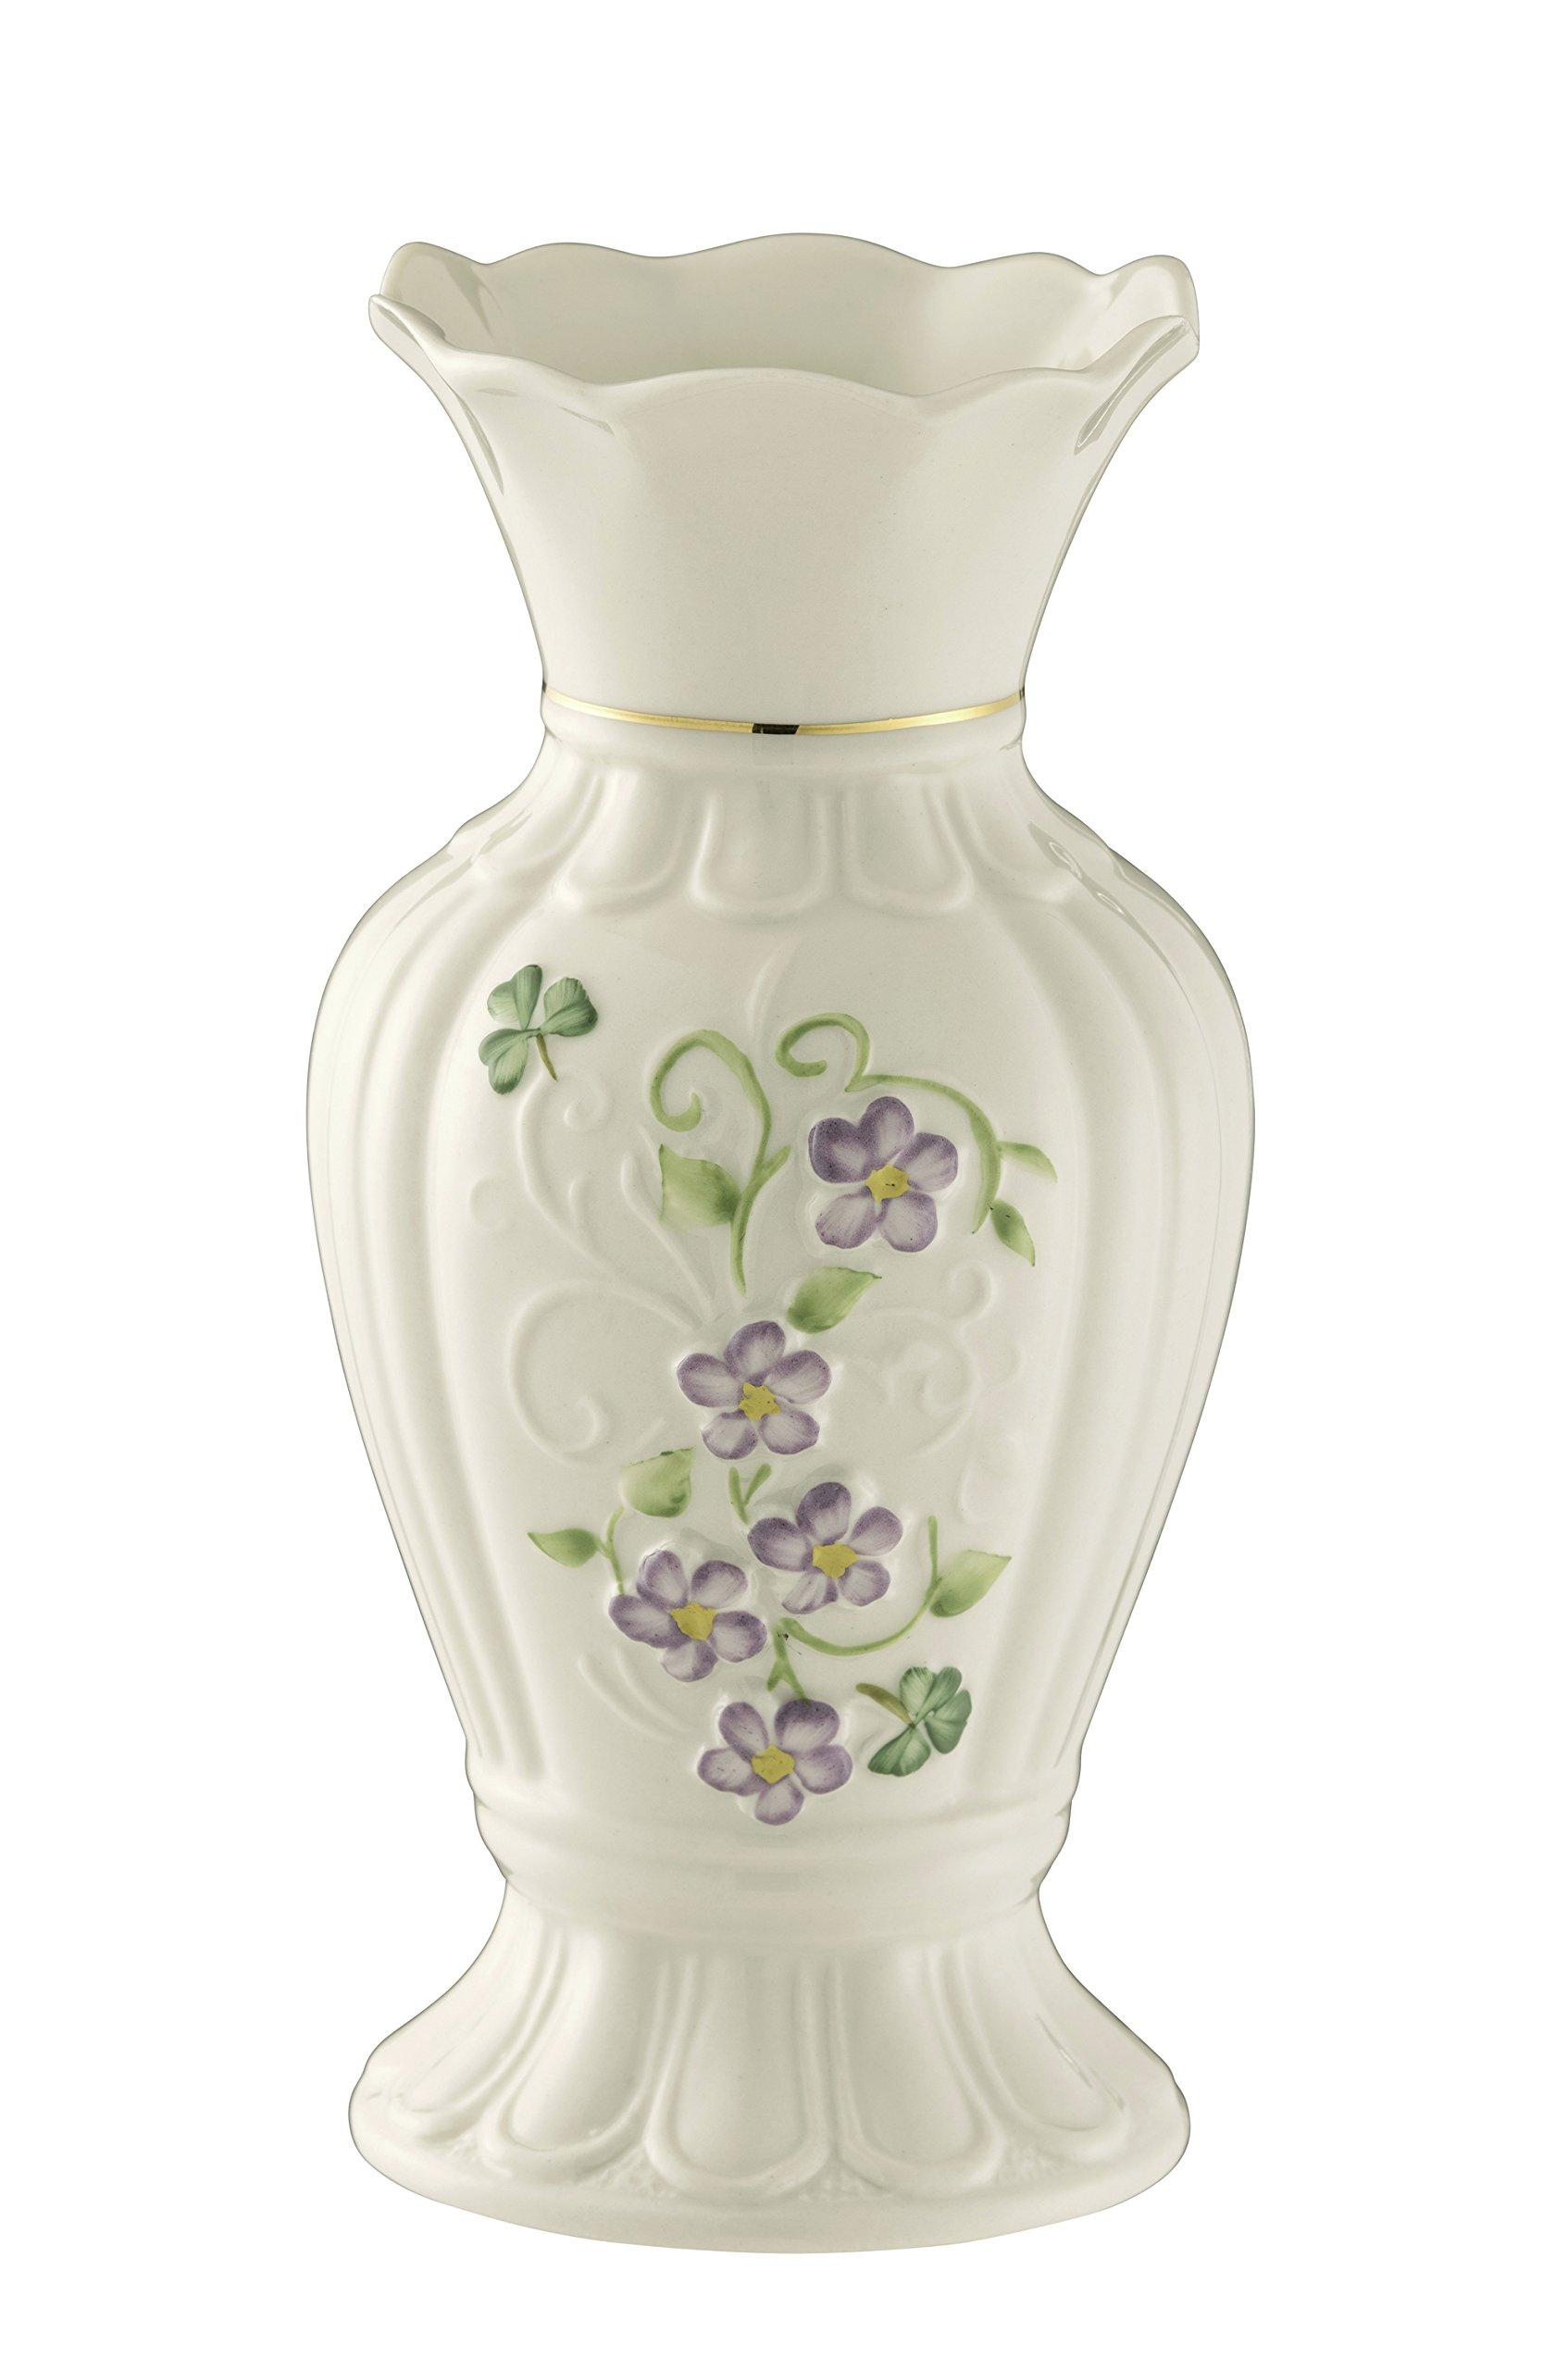 Belleek Pottery Floral Irish Flax Vase